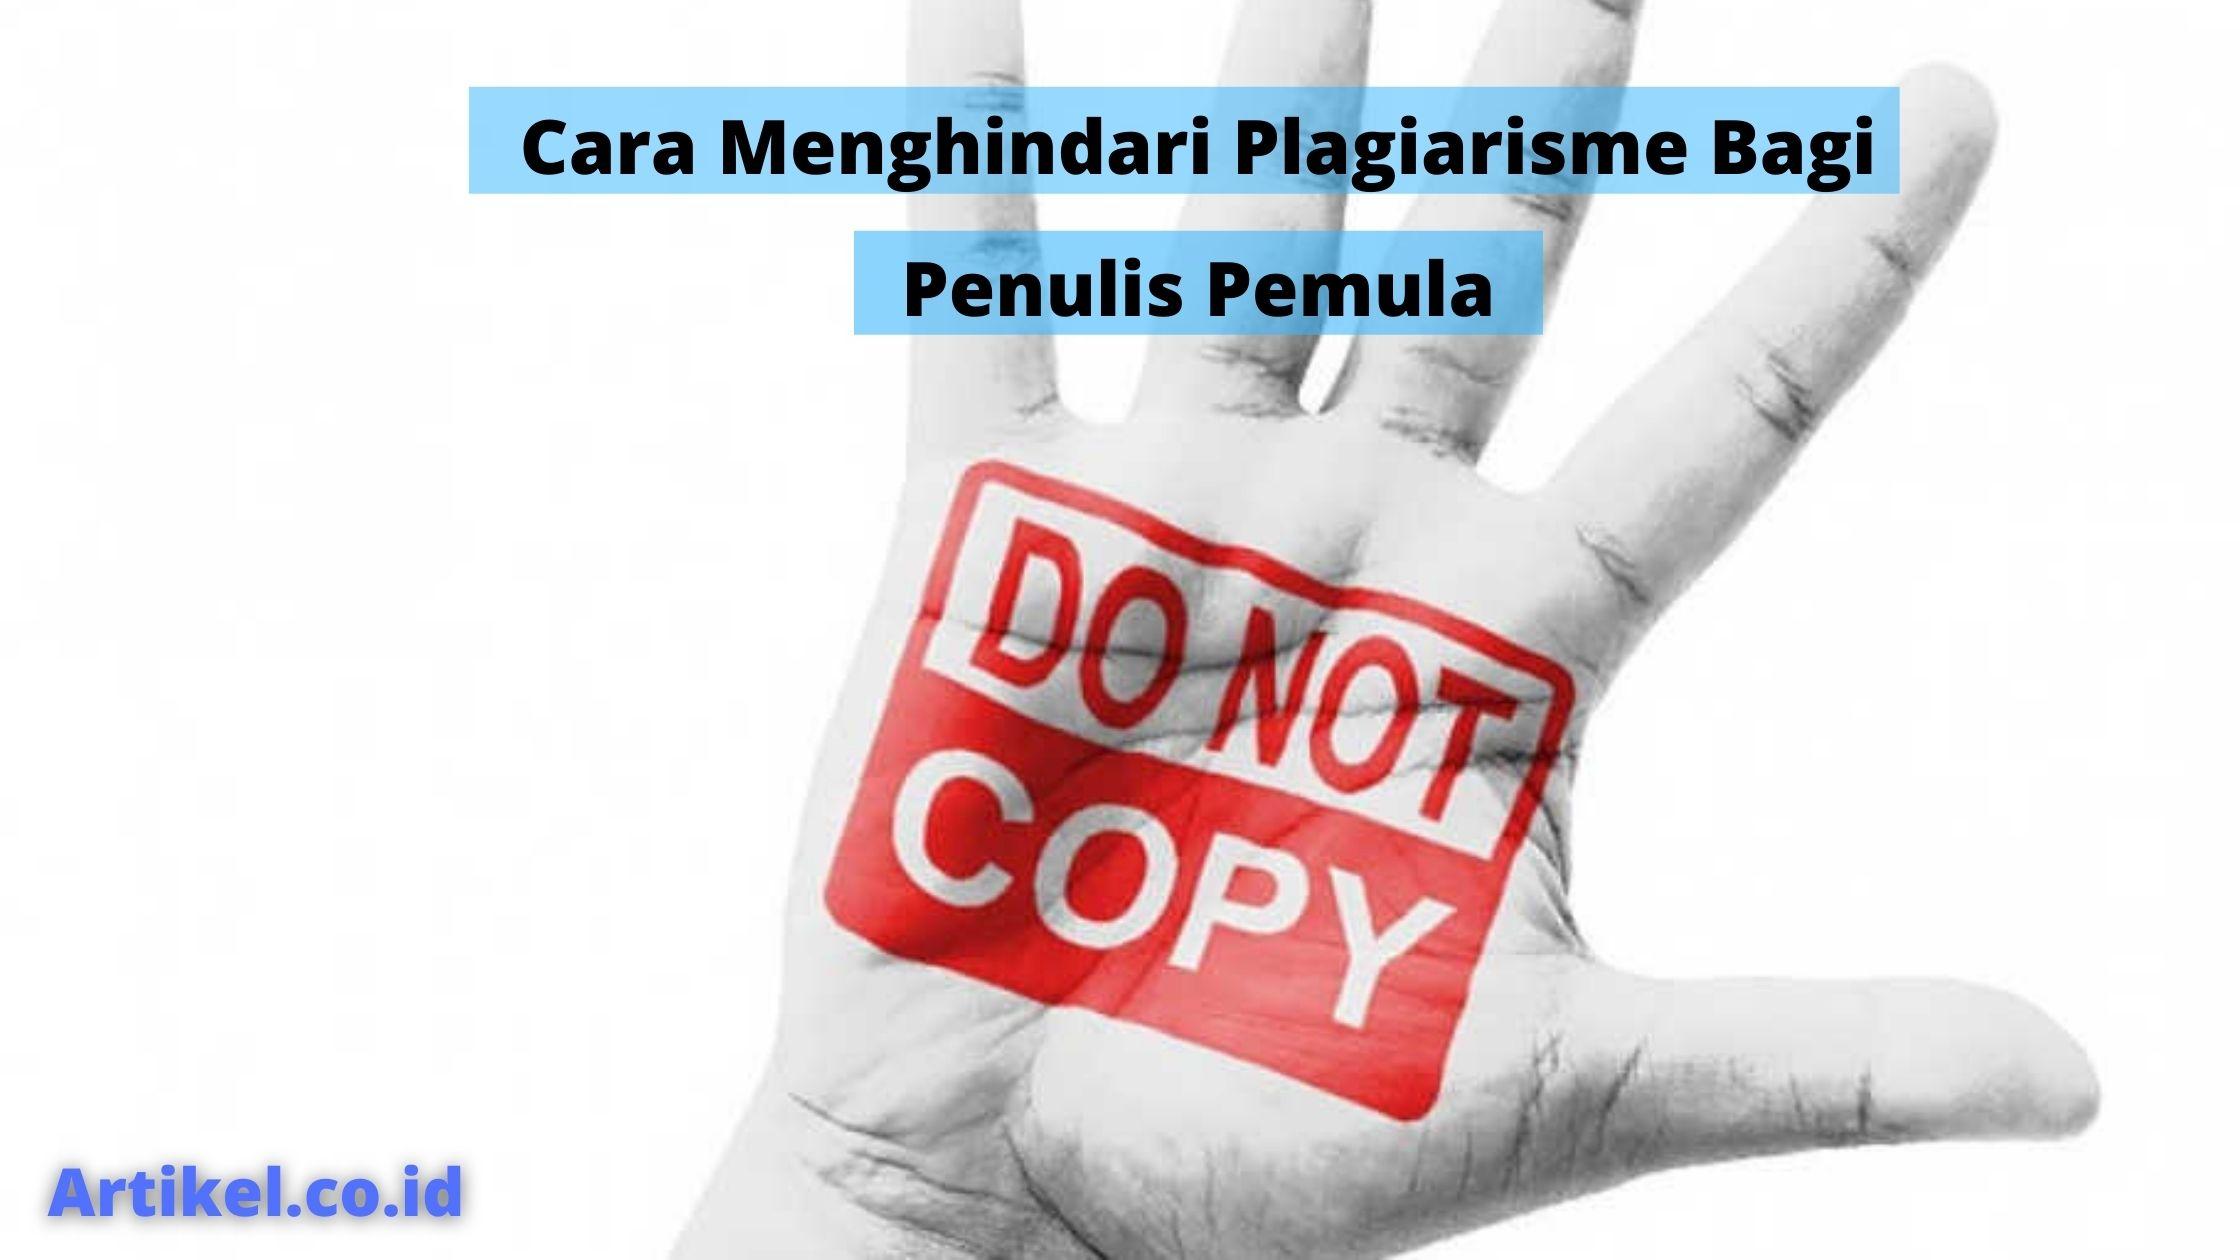 Read more about the article Cara Menghindari Plagiarisme Bagi Penulis Pemula